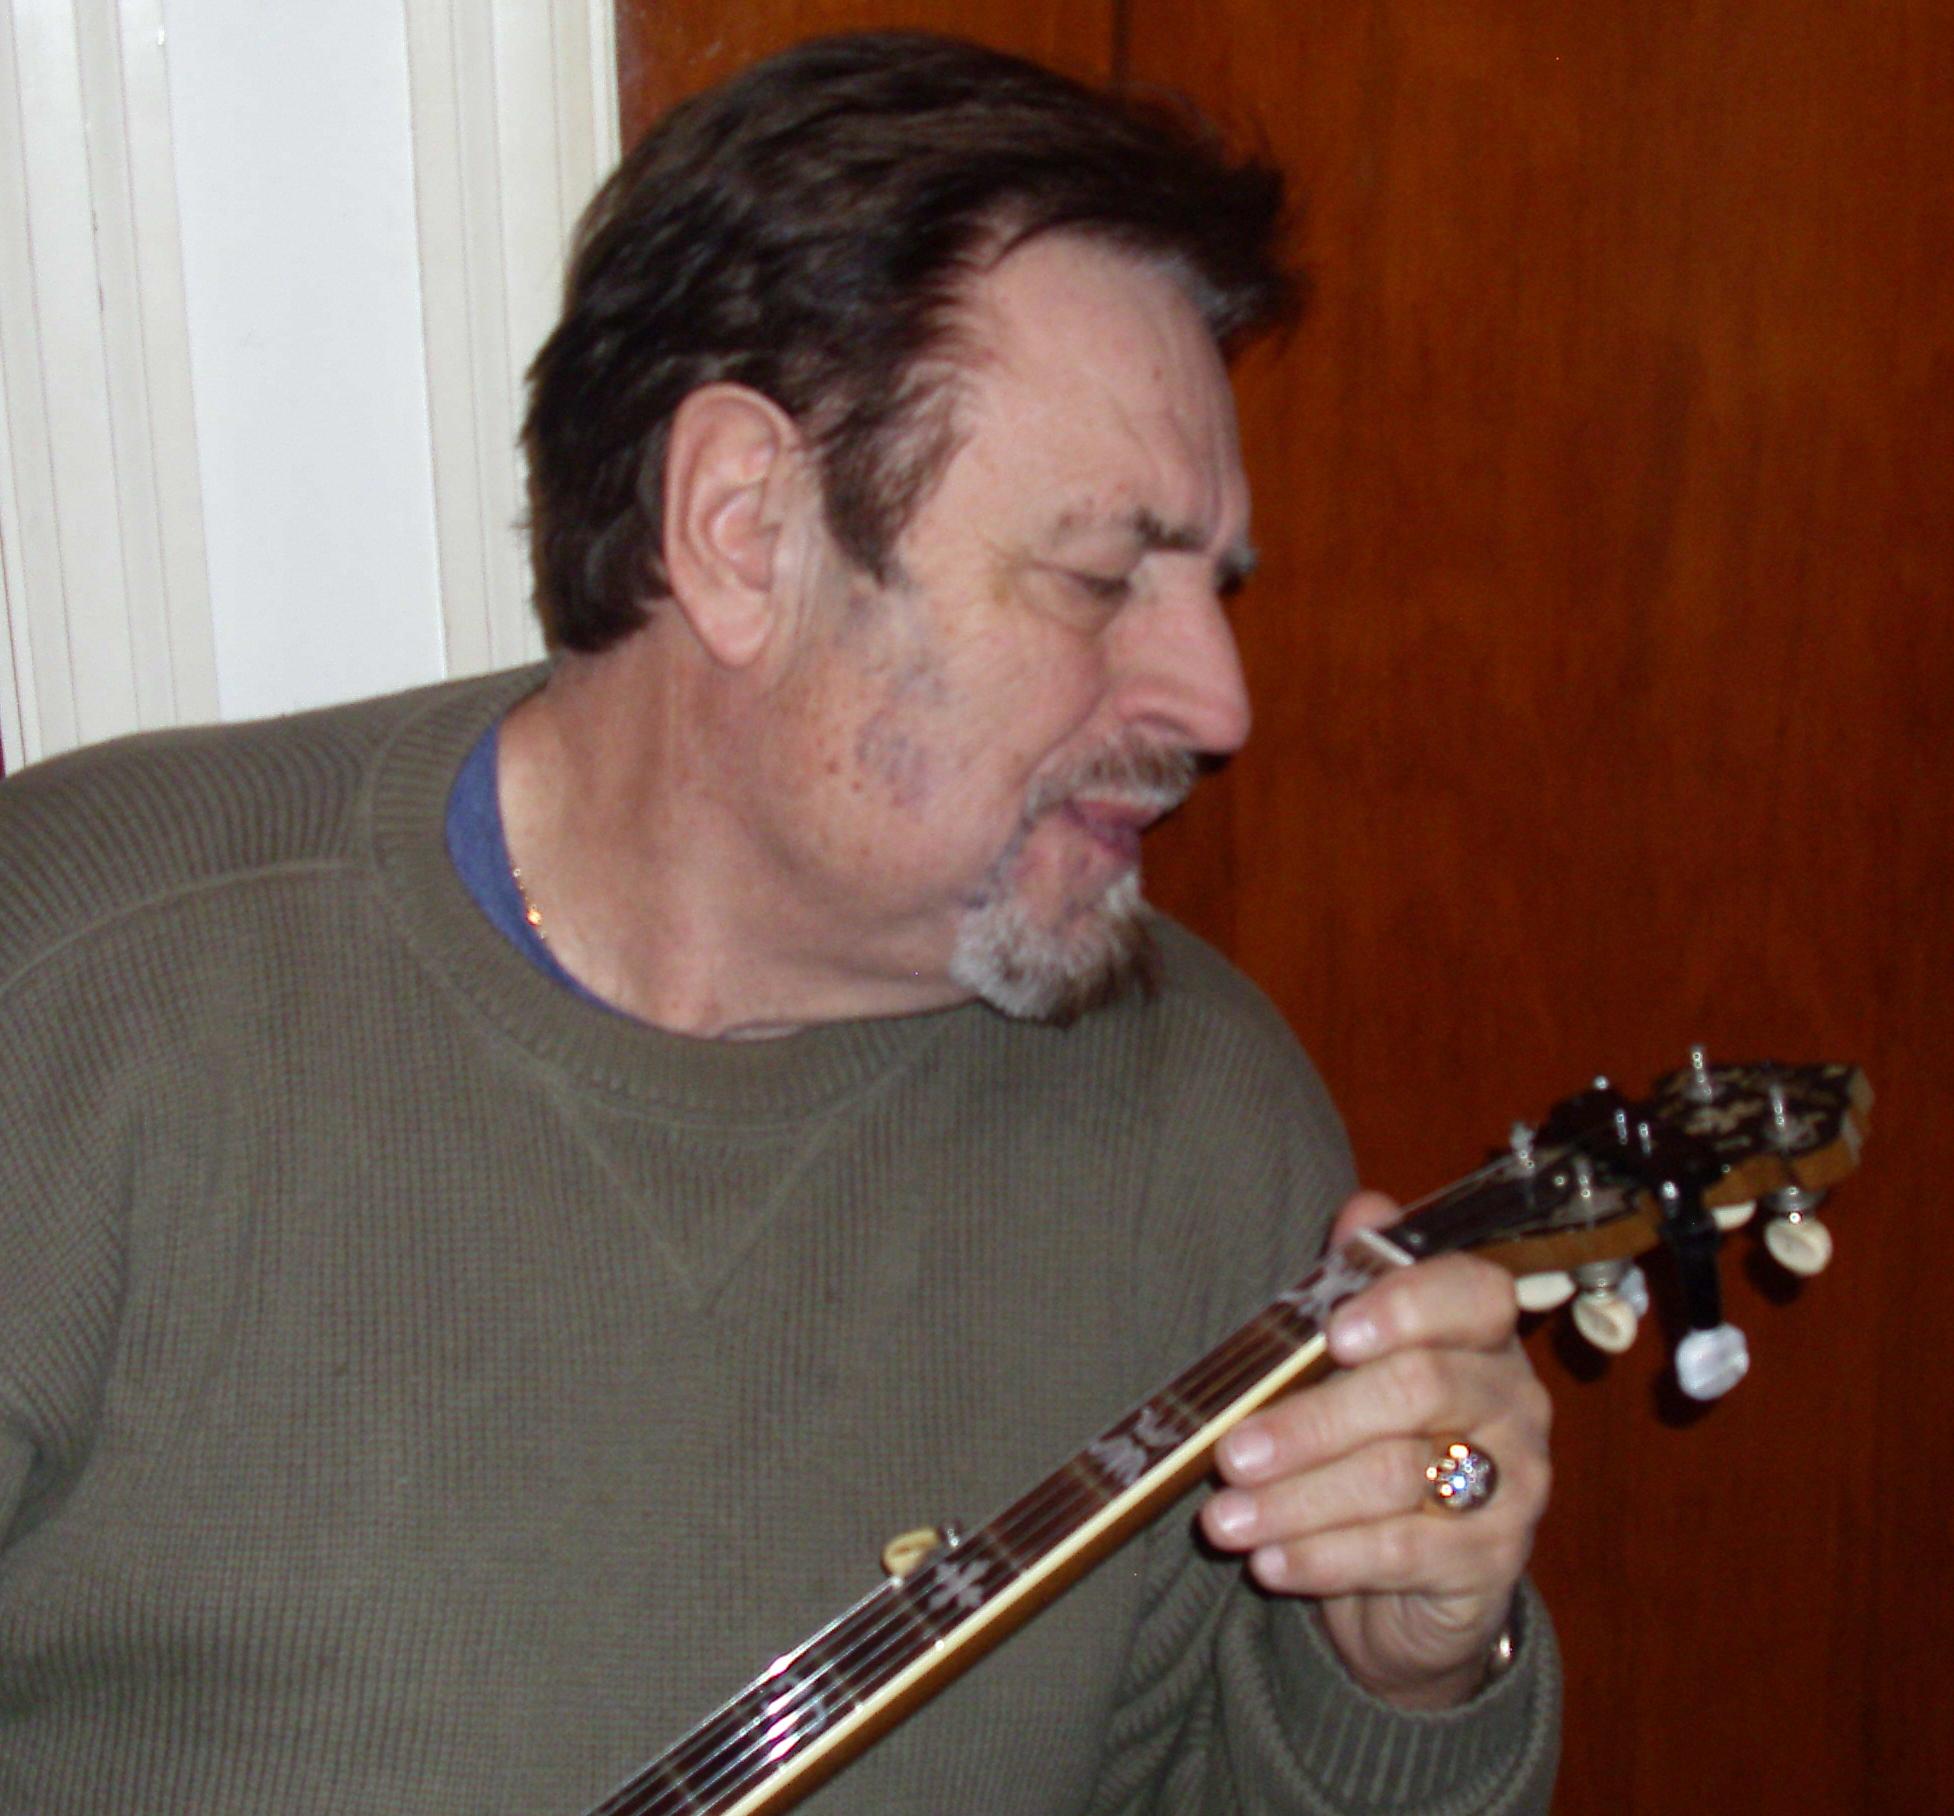 Appraising a banjo